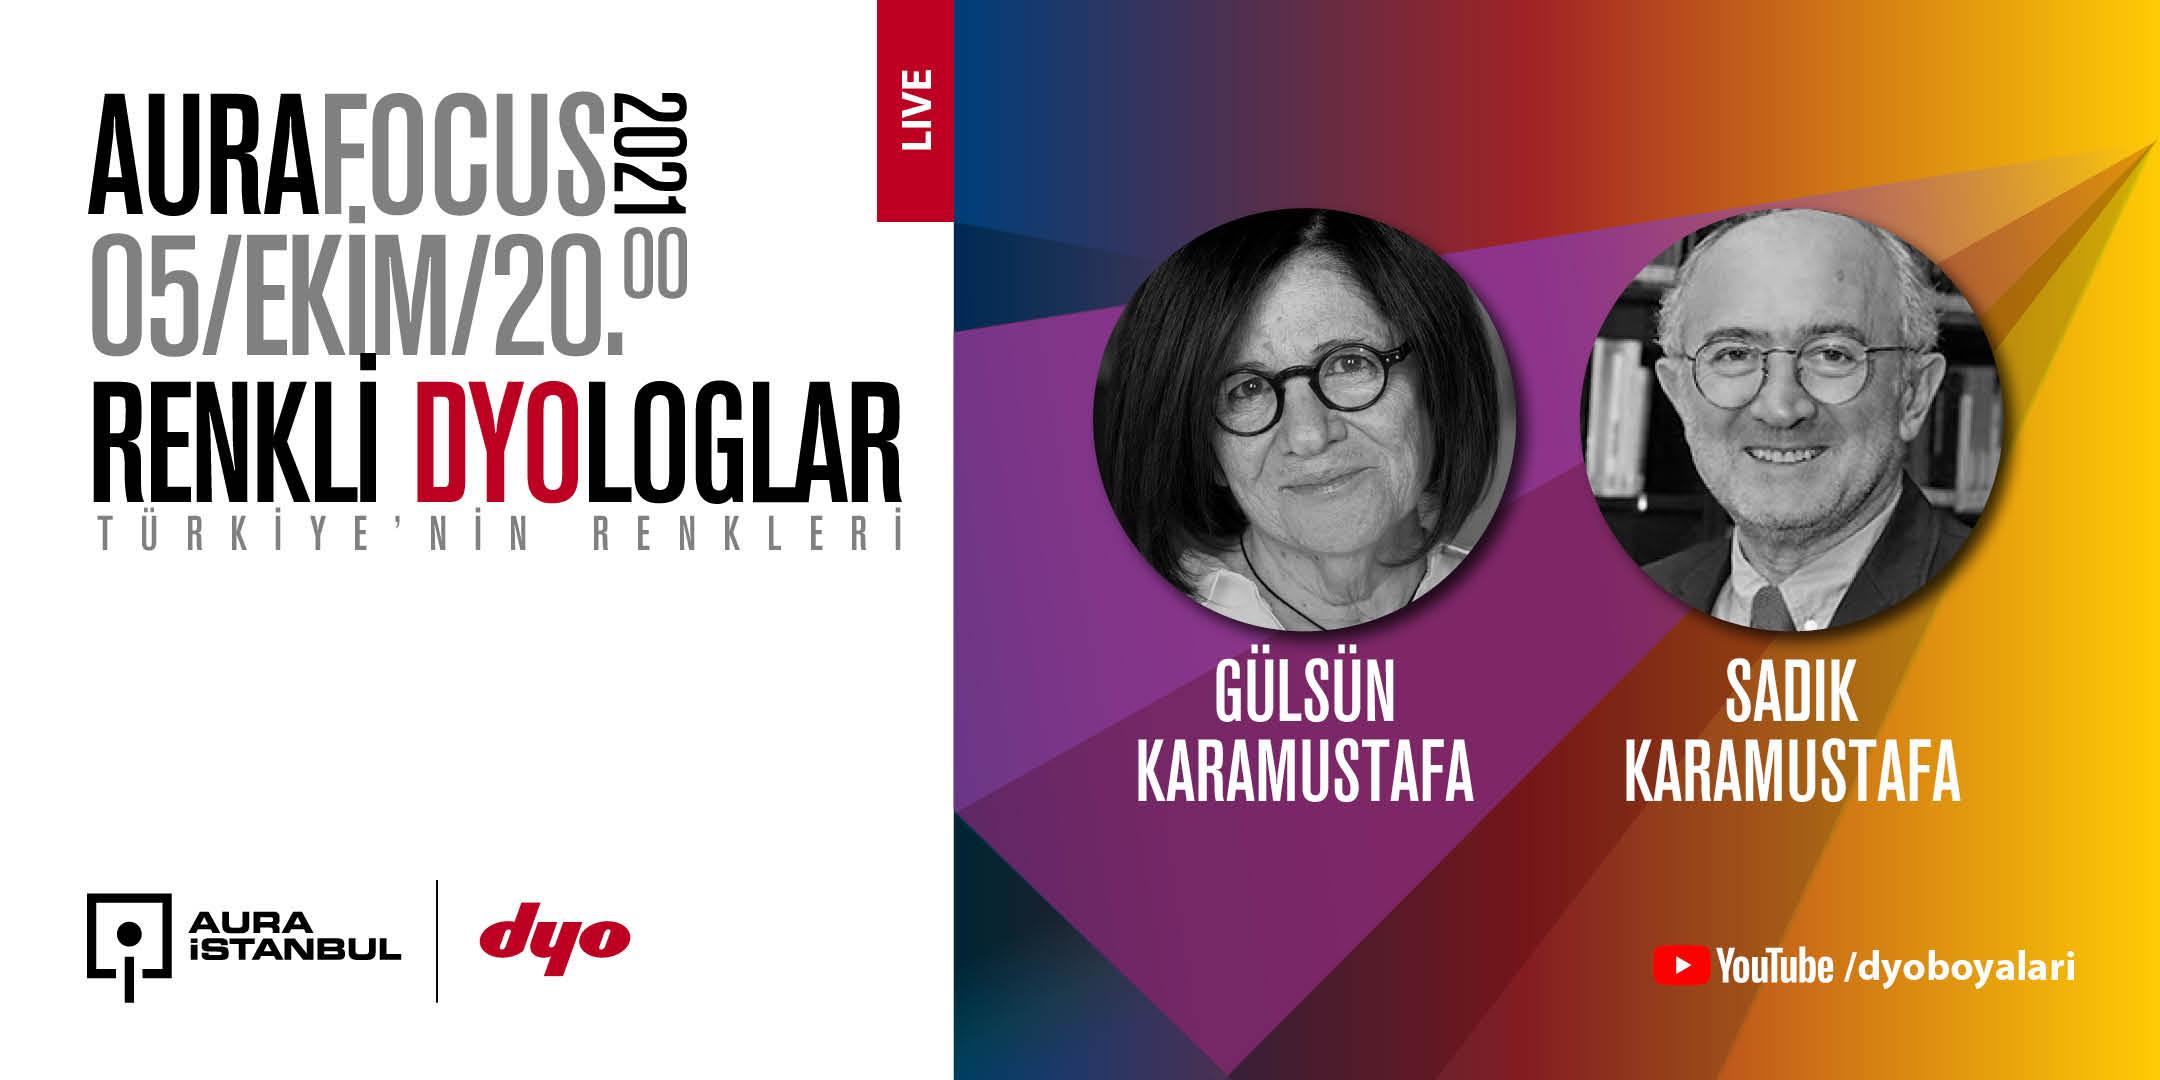 Renkli DYOloglar: Gülsün Karamustafa & Sadık Karamustafa